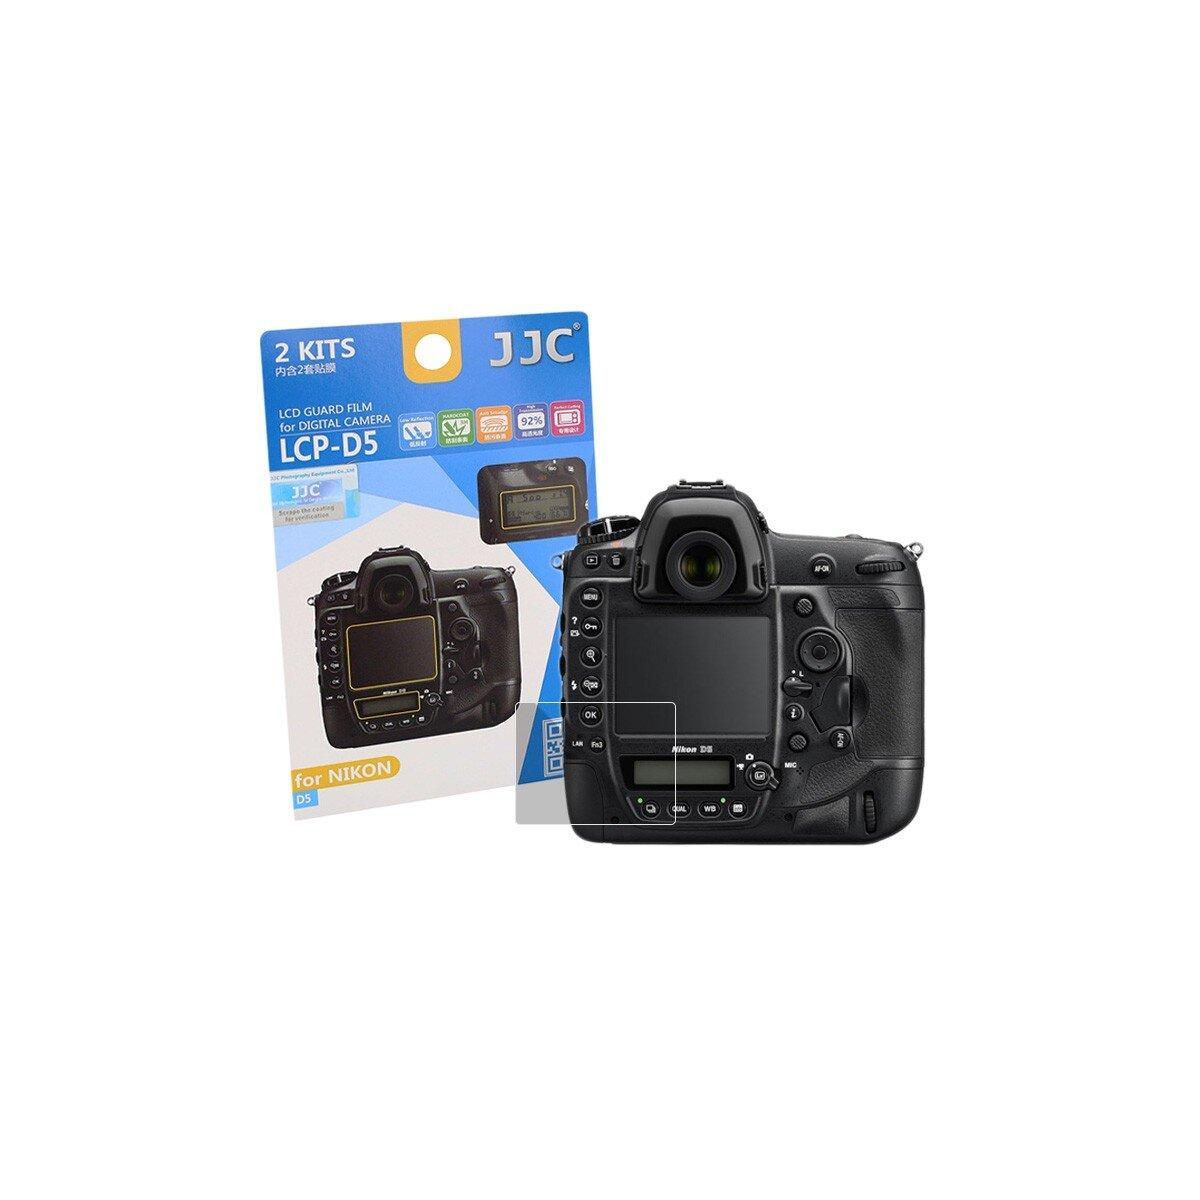 JJC LCD-Displayschutzfolie LCP-D5 | Kamera-Display Schutz | Für Nikon D5